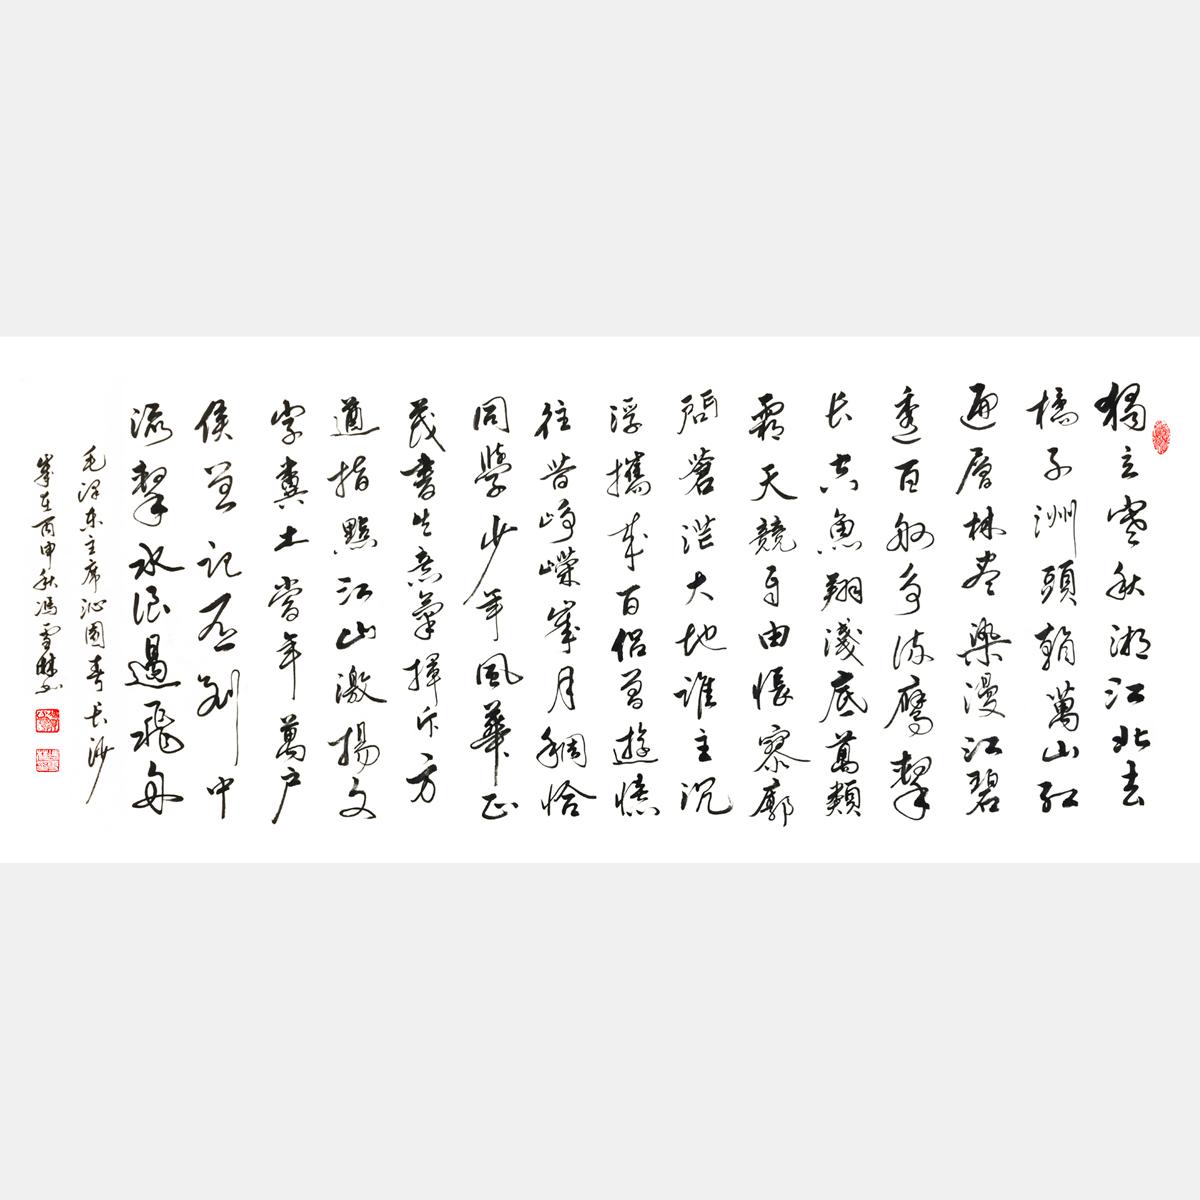 冯雪林行草作品 毛主席著名词《沁园春・长沙》